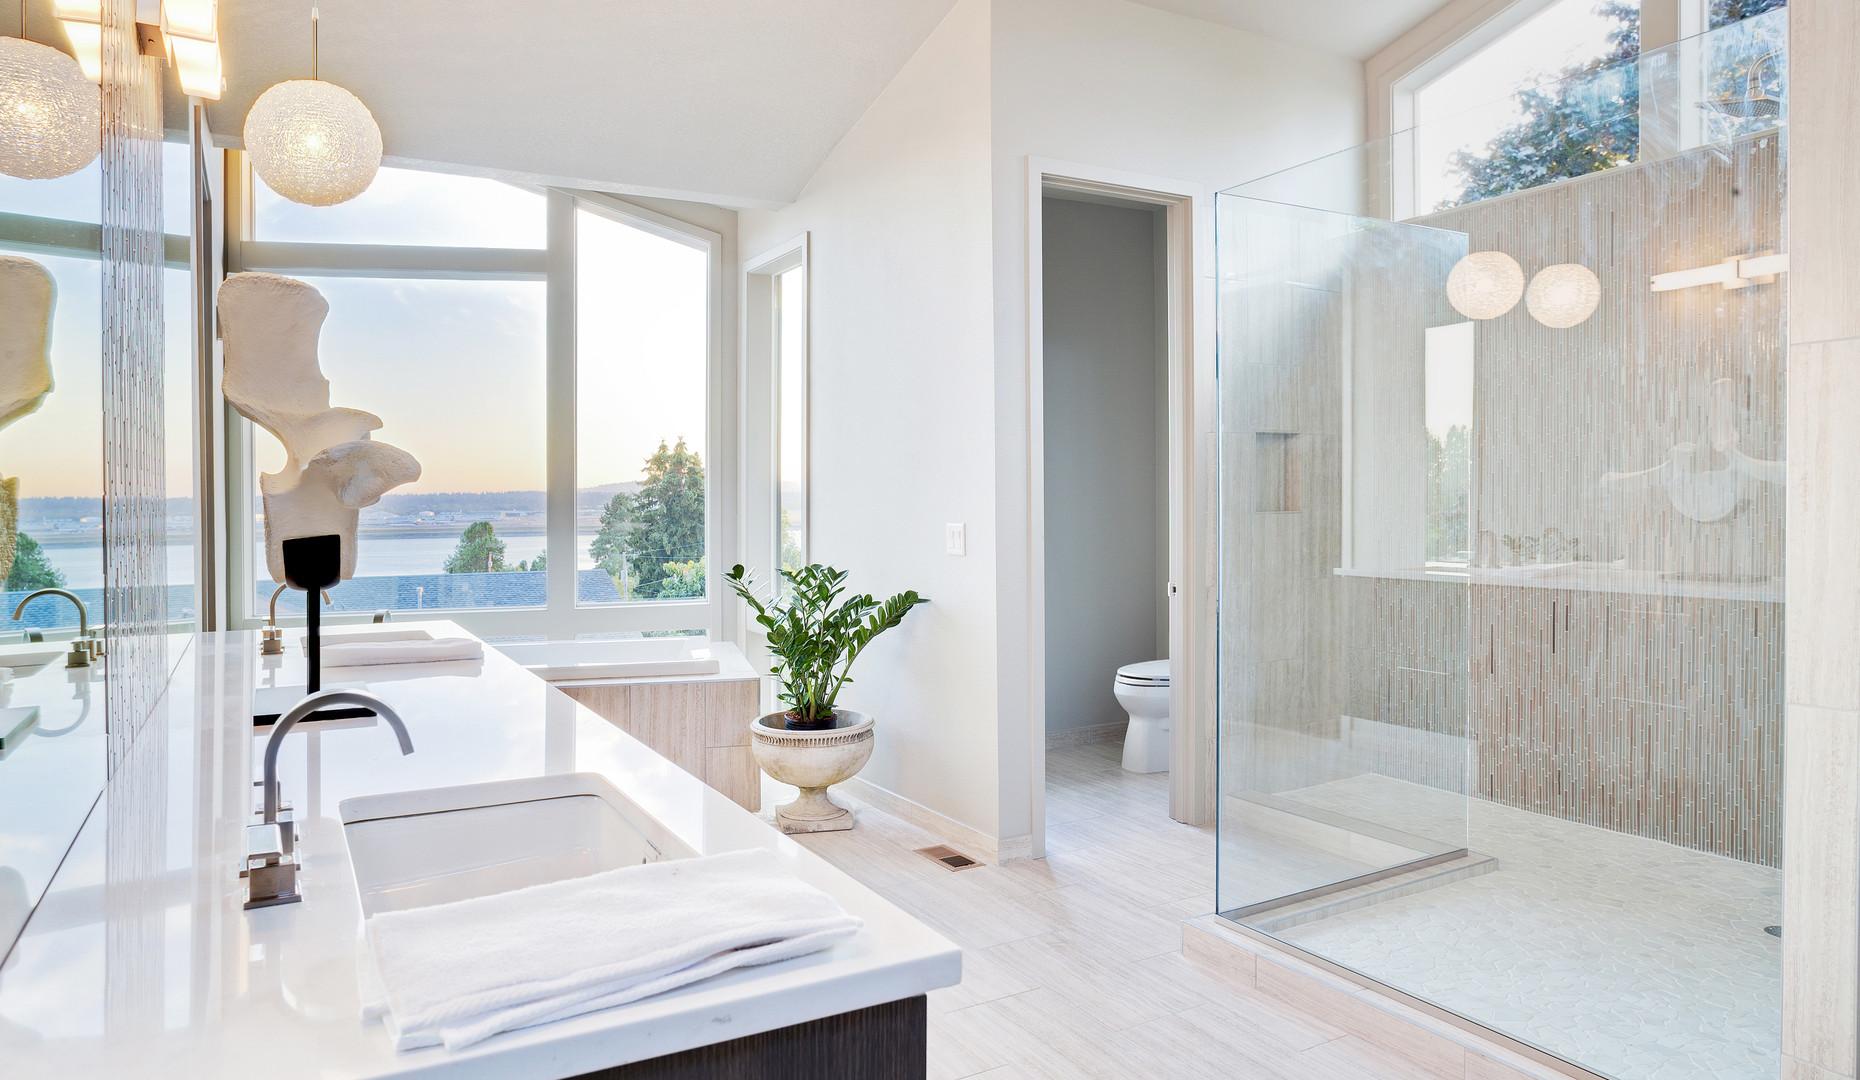 luxury-bathroom-27239366 (1).jpg